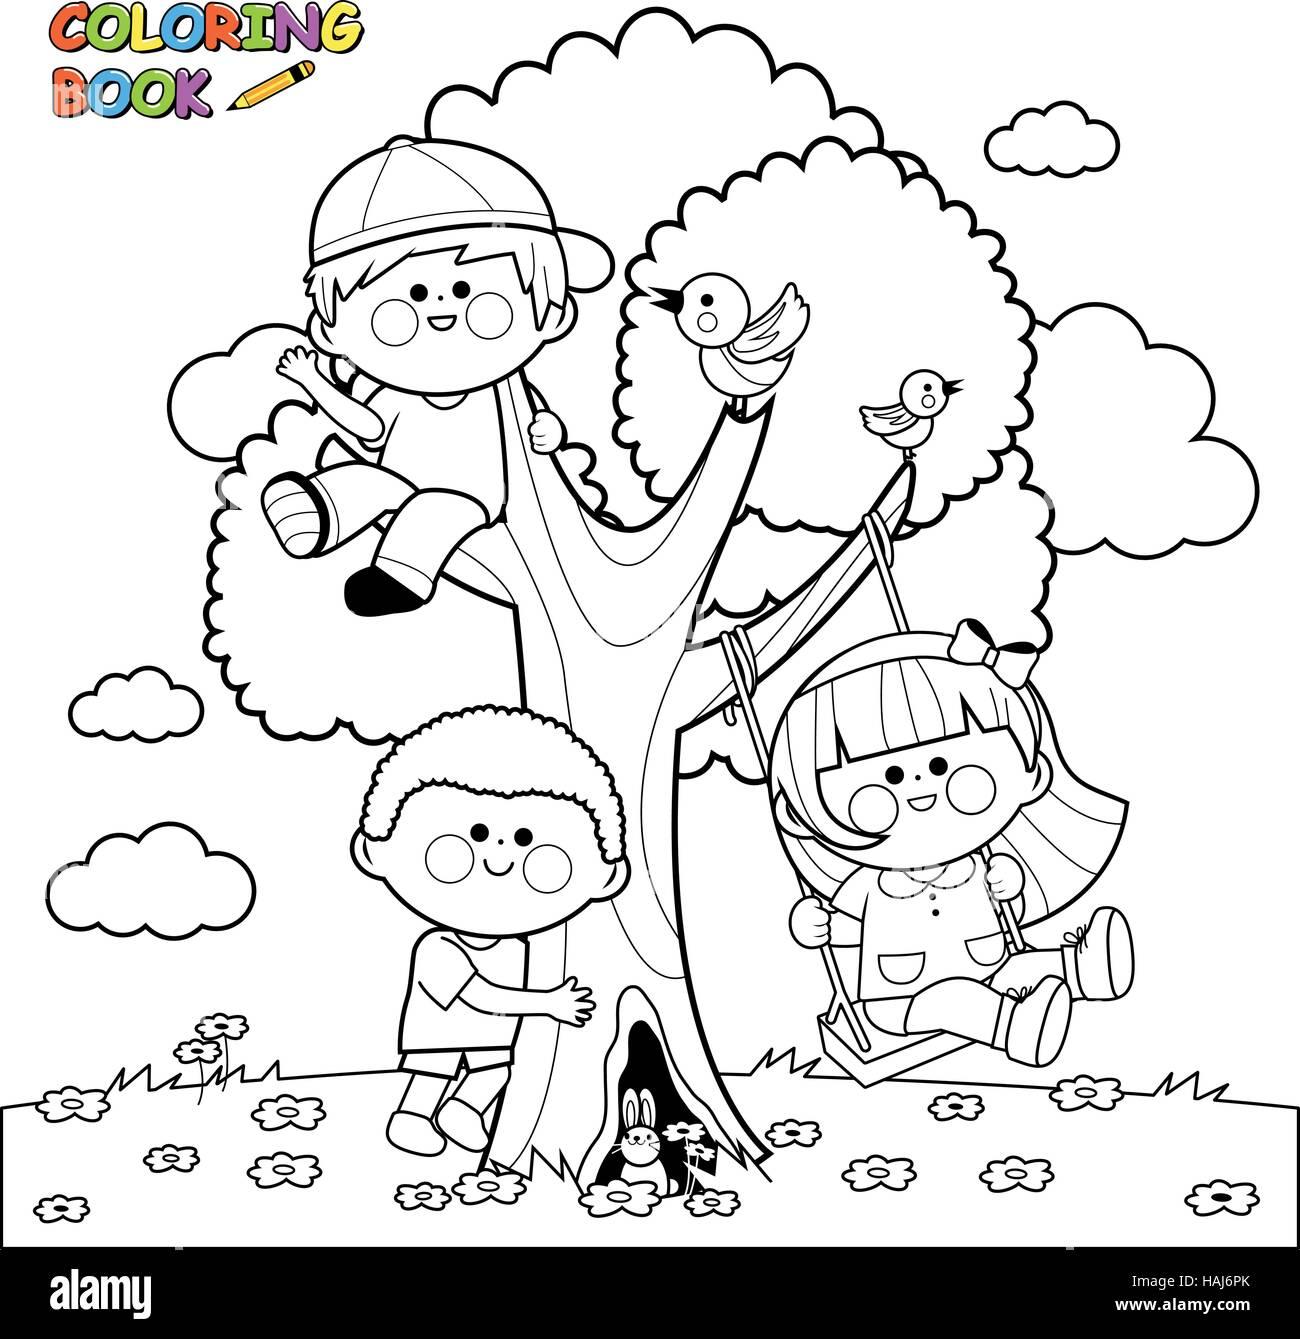 Bambini Che Giocano Su Un Albero Libro Da Colorare Pagina